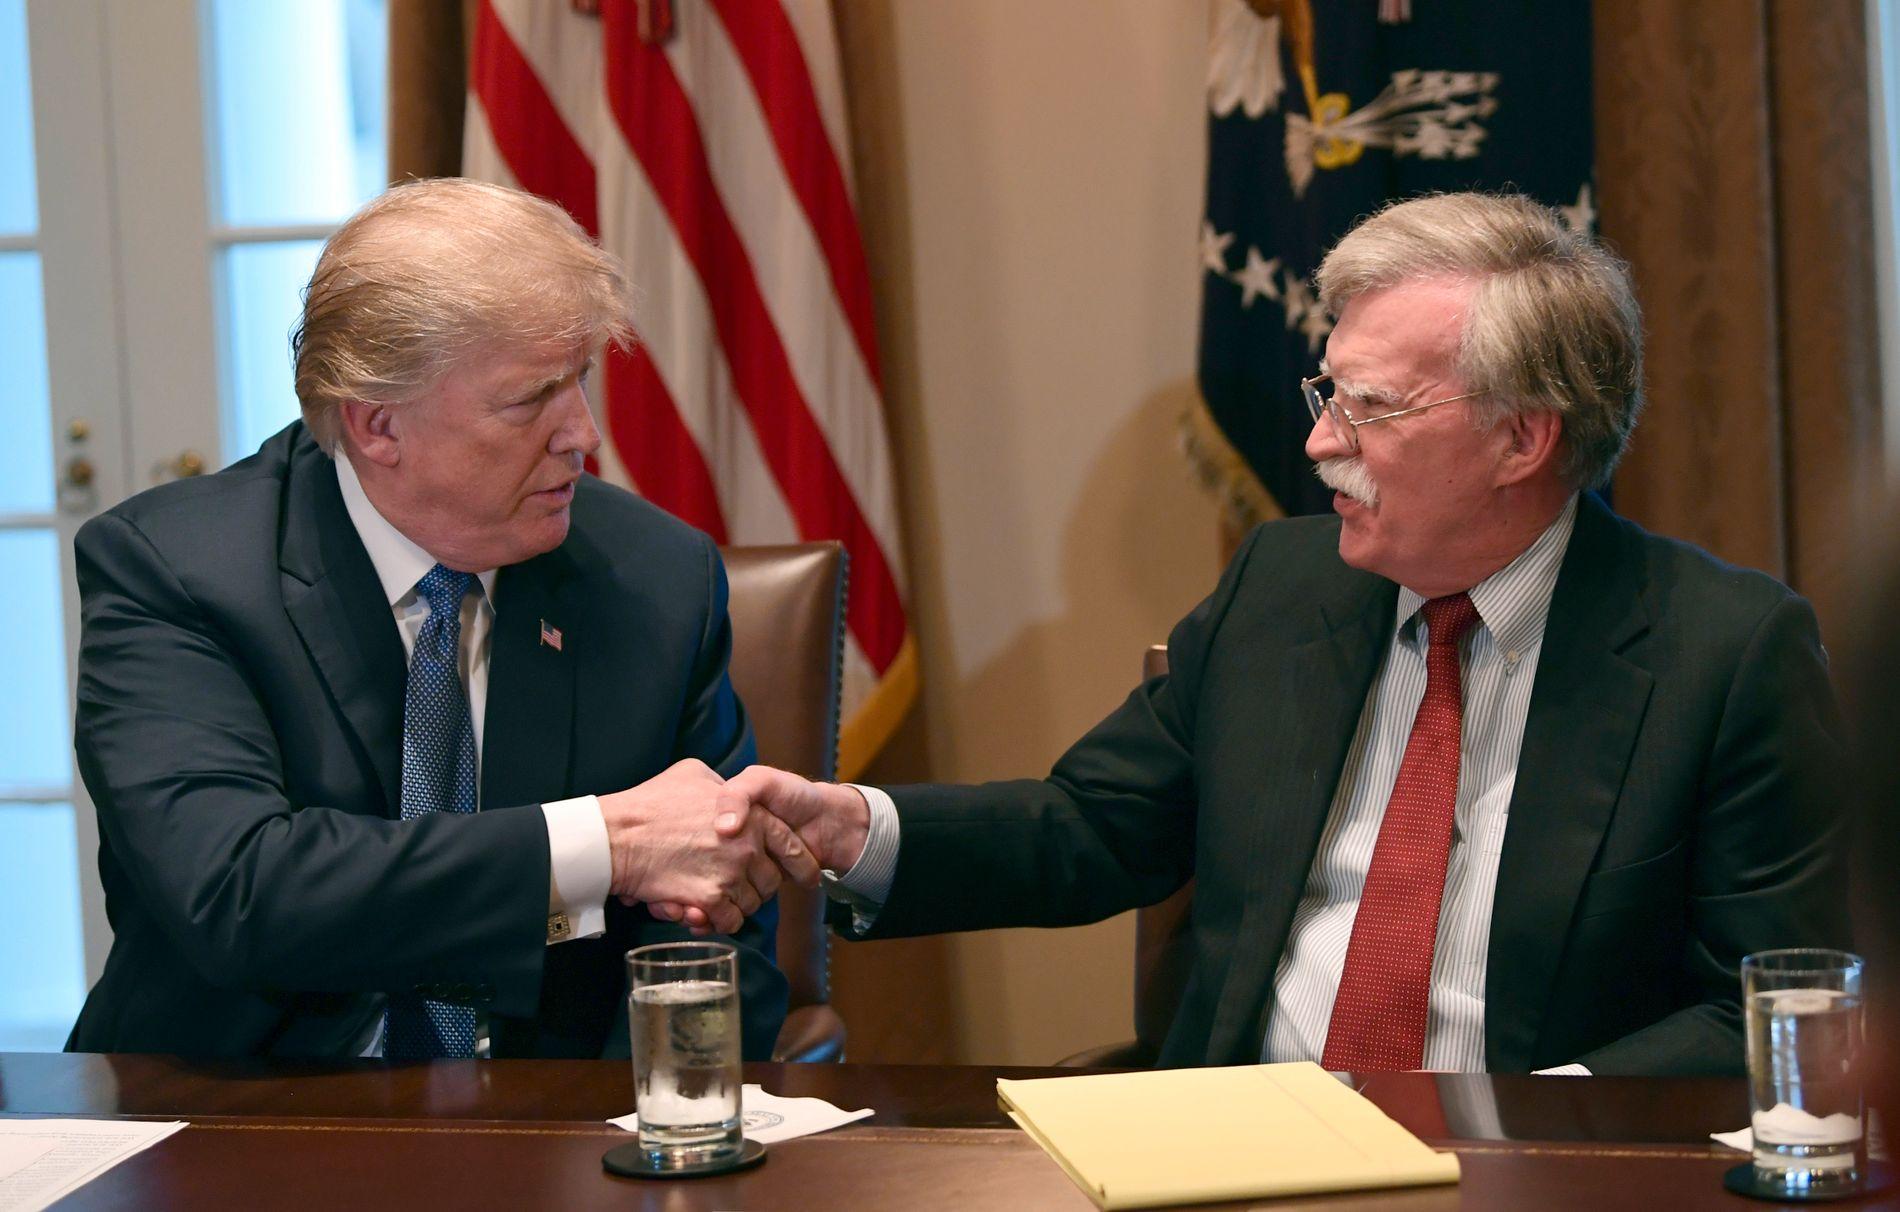 USAs president Donald Trump sammen med nasjonal sikkerhetsrådgiver John Bolton i Det hvite hus. Nå går Bolton av. Foto: Susan Walsh / AP / NTB scanpix